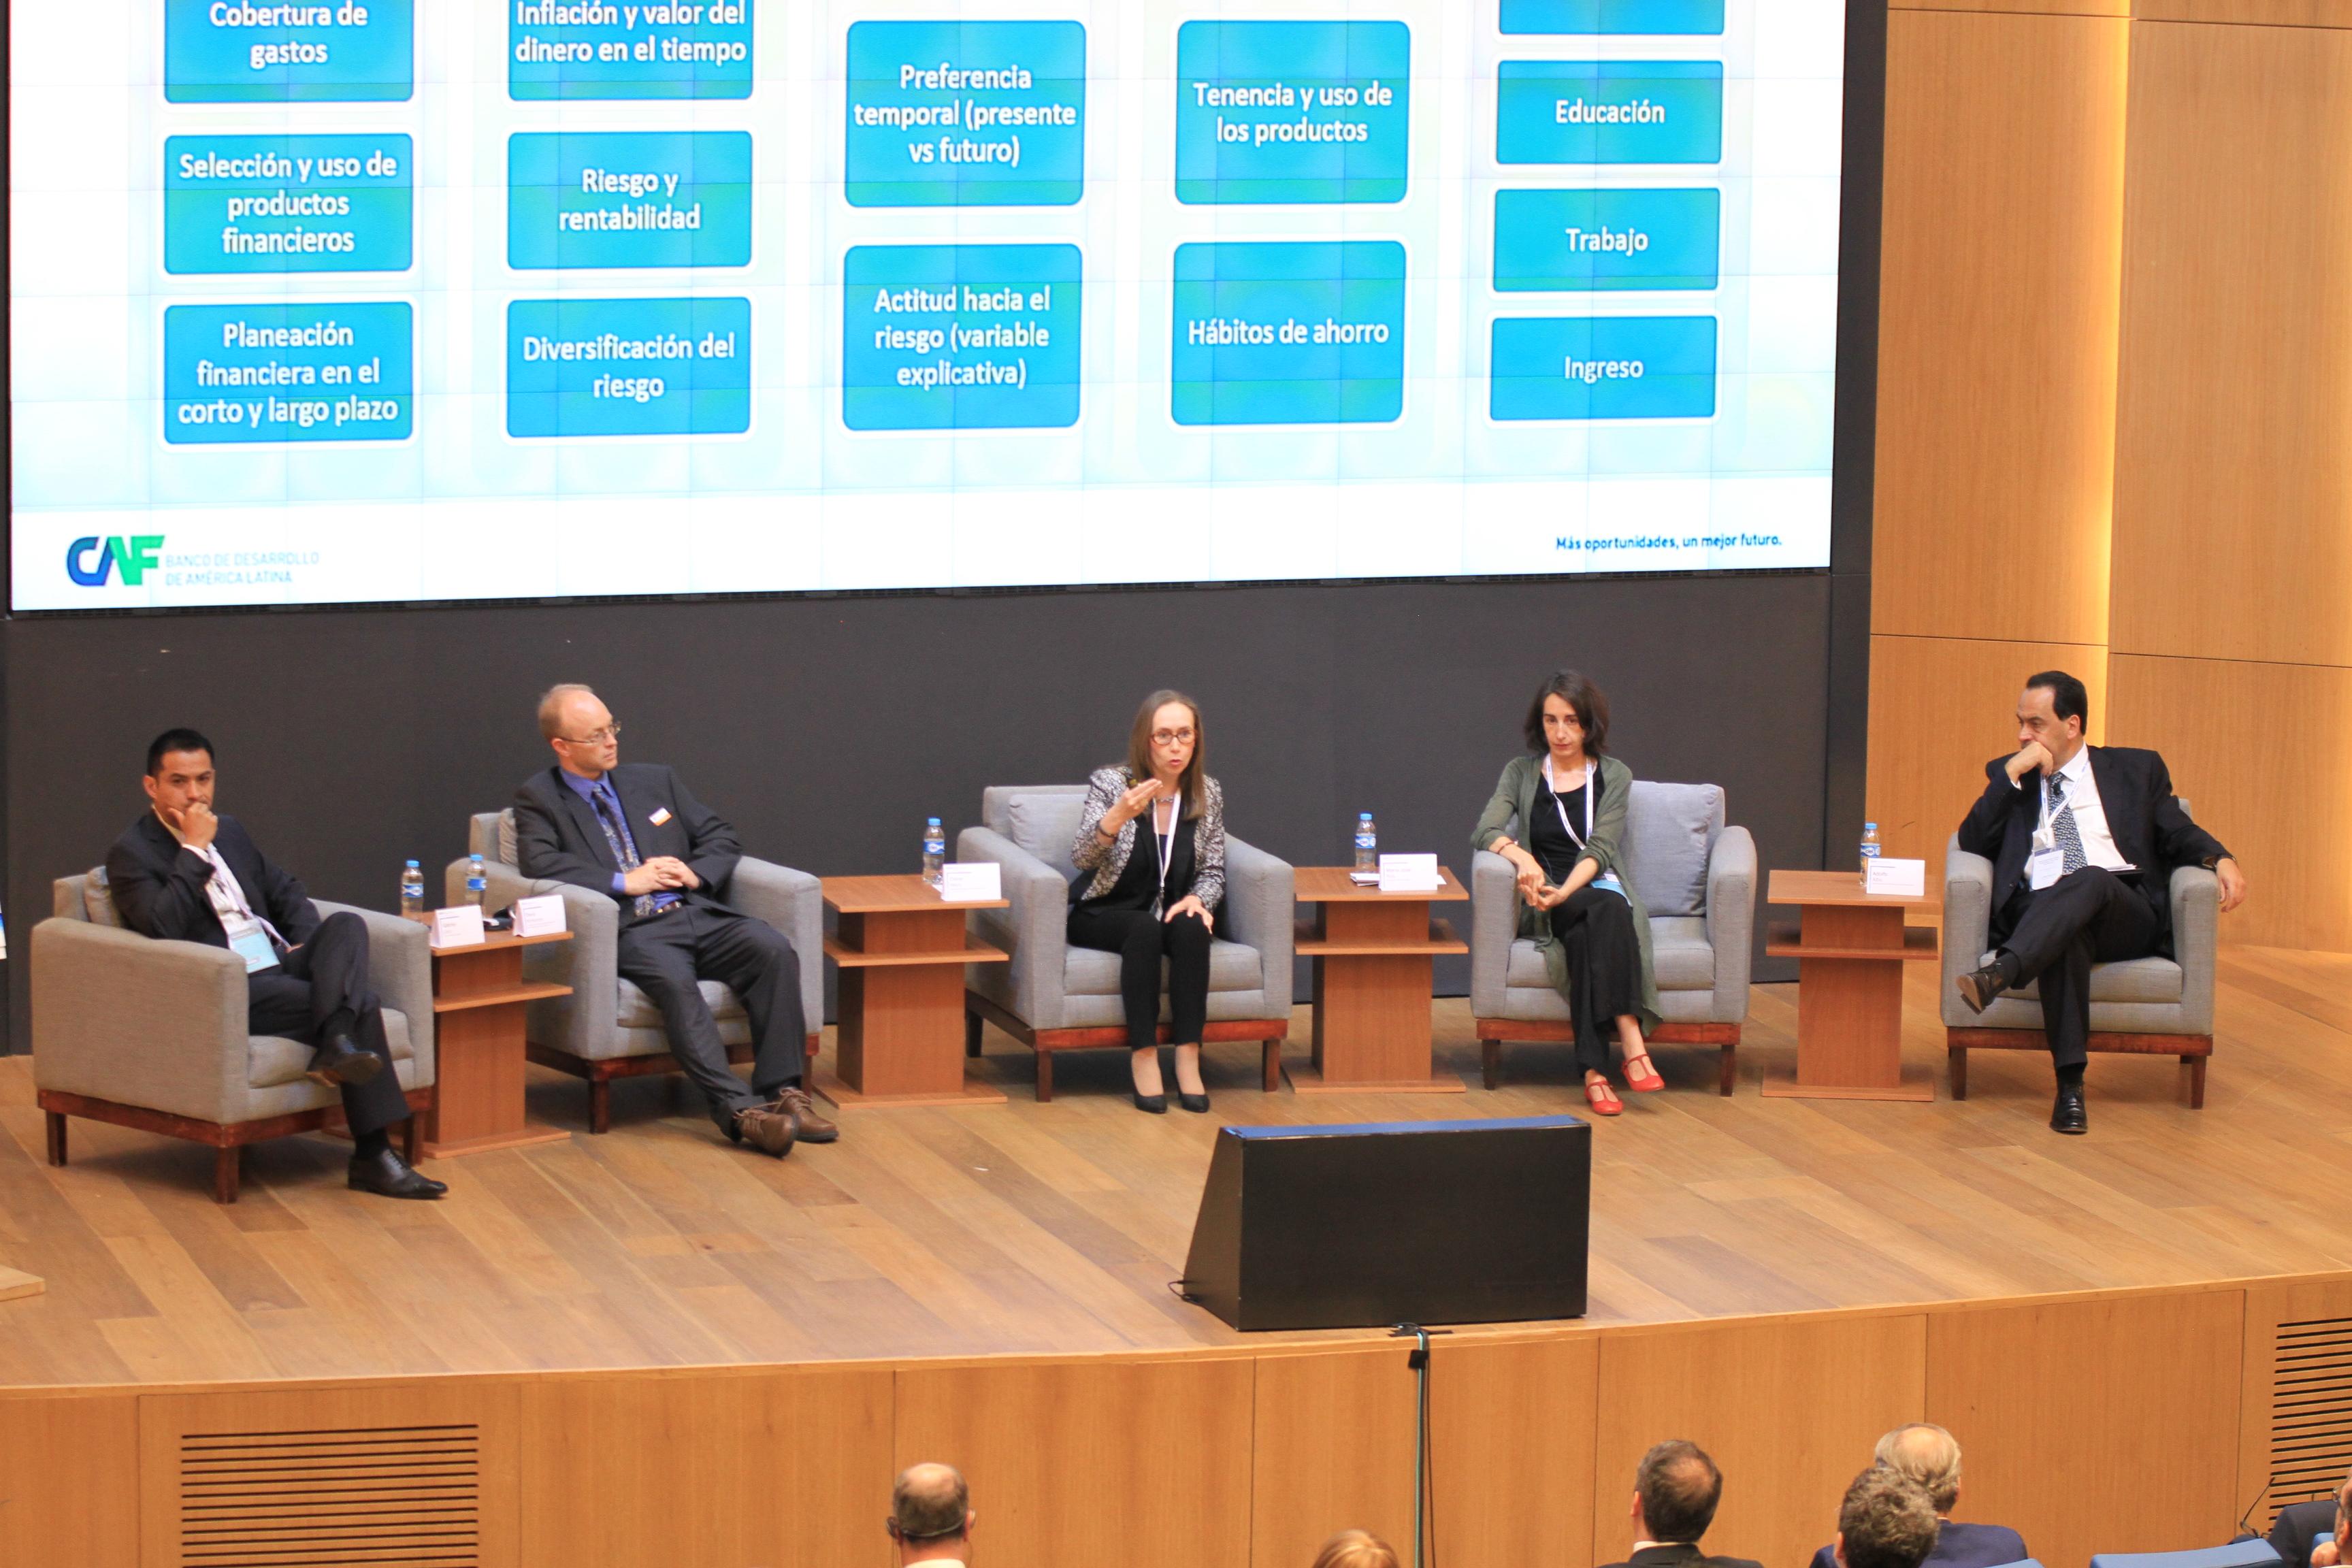 Los panelistas durante la sesión El Impacto de la Educación Financiera en la vida de las personas